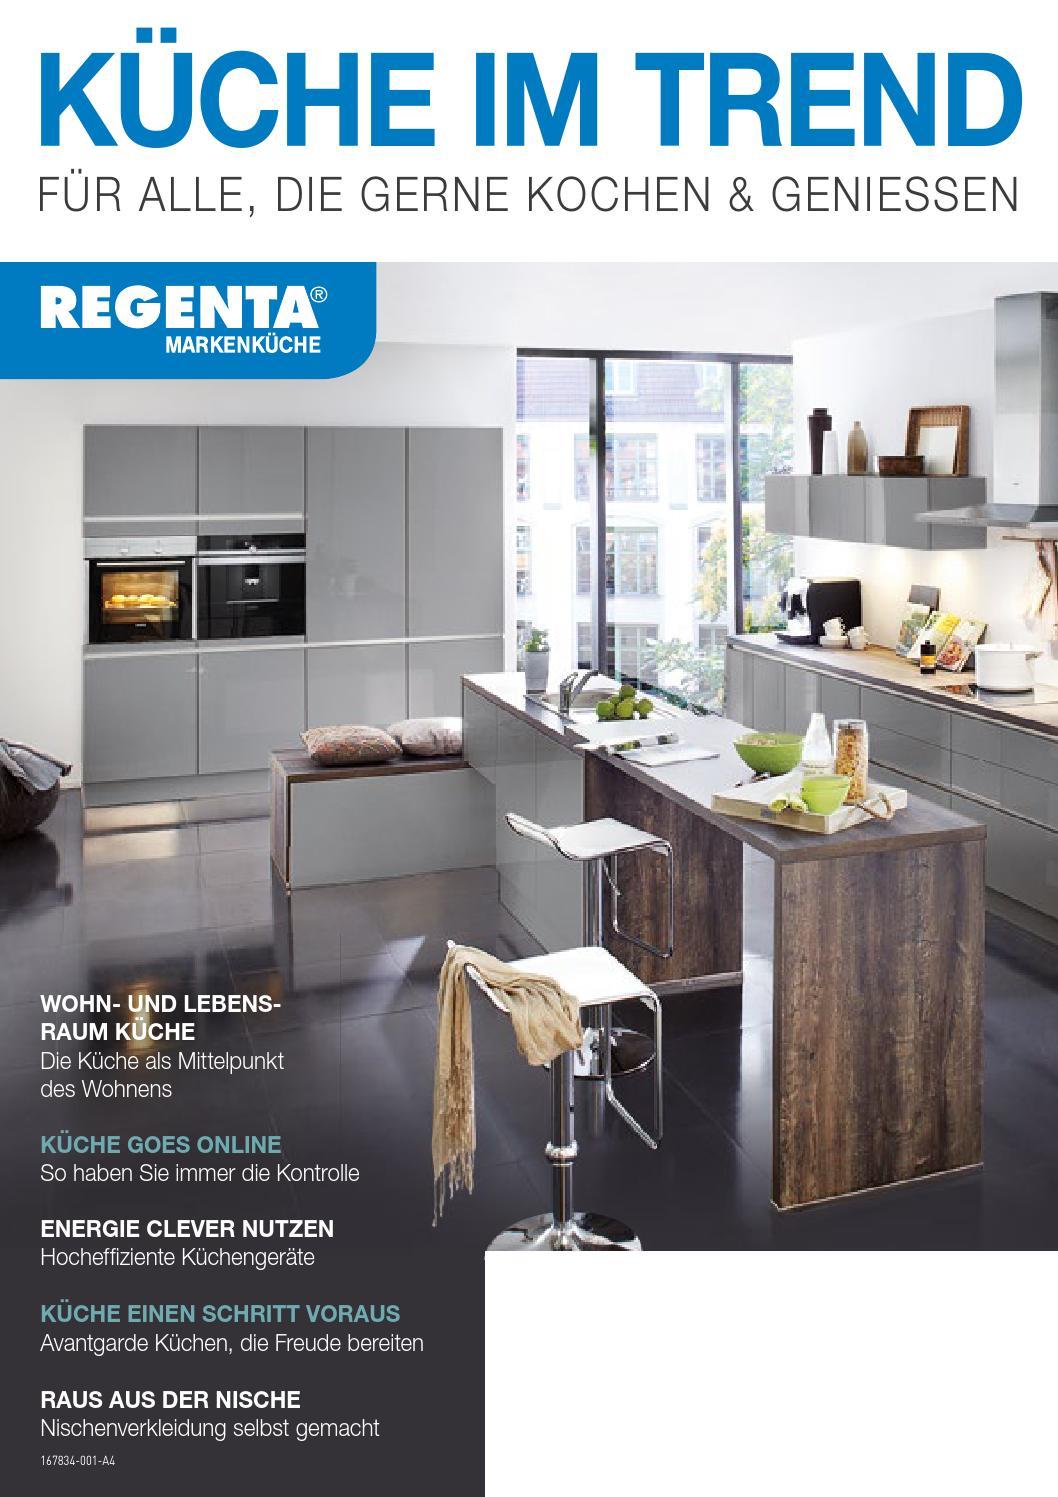 Regenta Küchen Magazin by Europa Möbel-Verbund GmbH - issuu